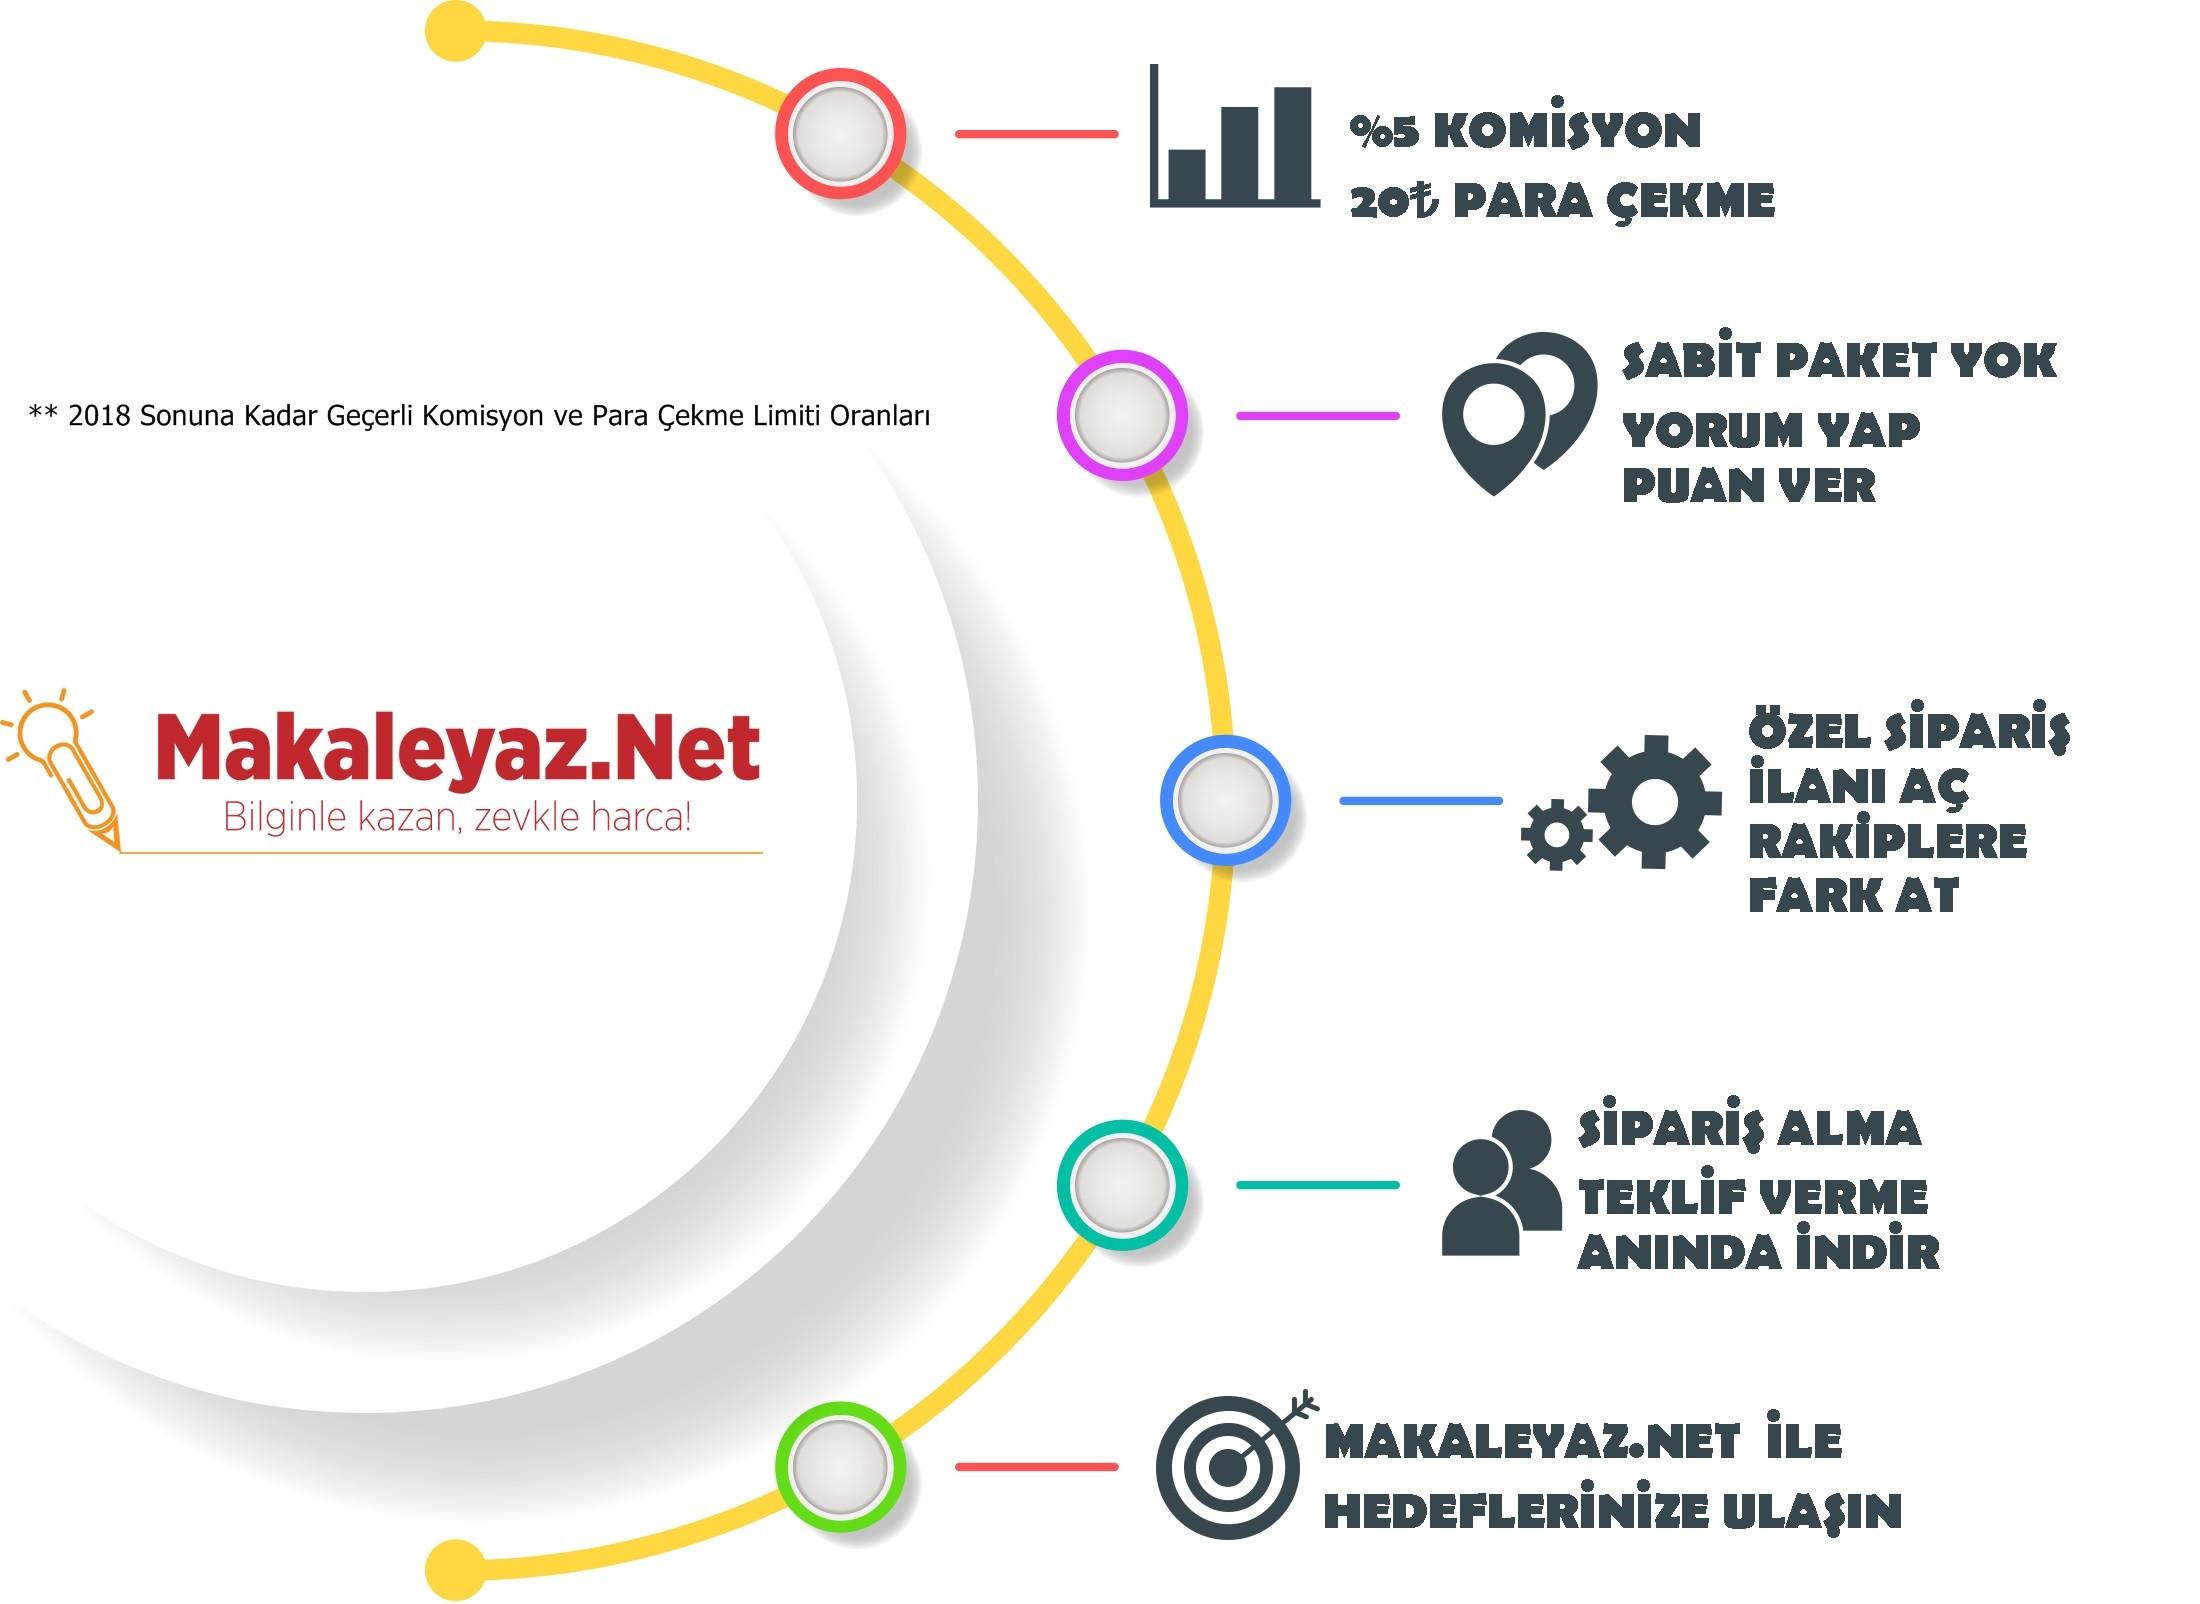 Makaleyaz.NET - %100 Özgün ve Hazır Makaleler